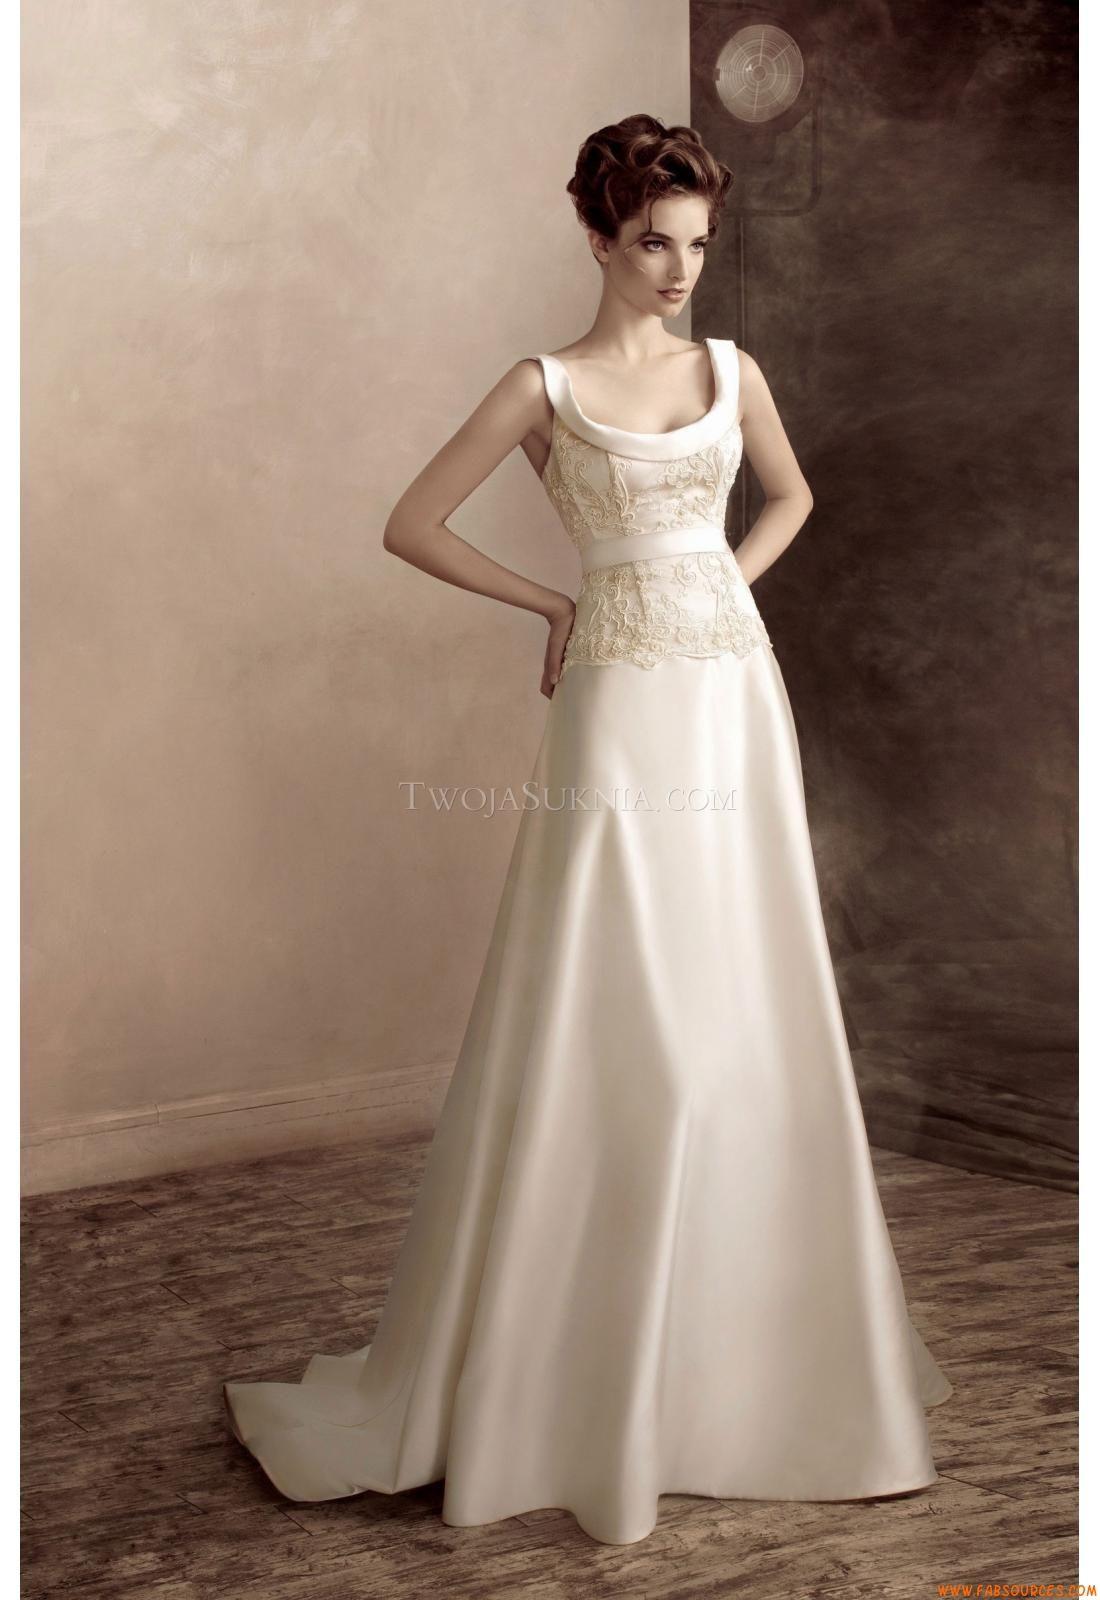 robes de mari e papilio 1309l romi 2013 location robe de mariage robe de mari e dentelle